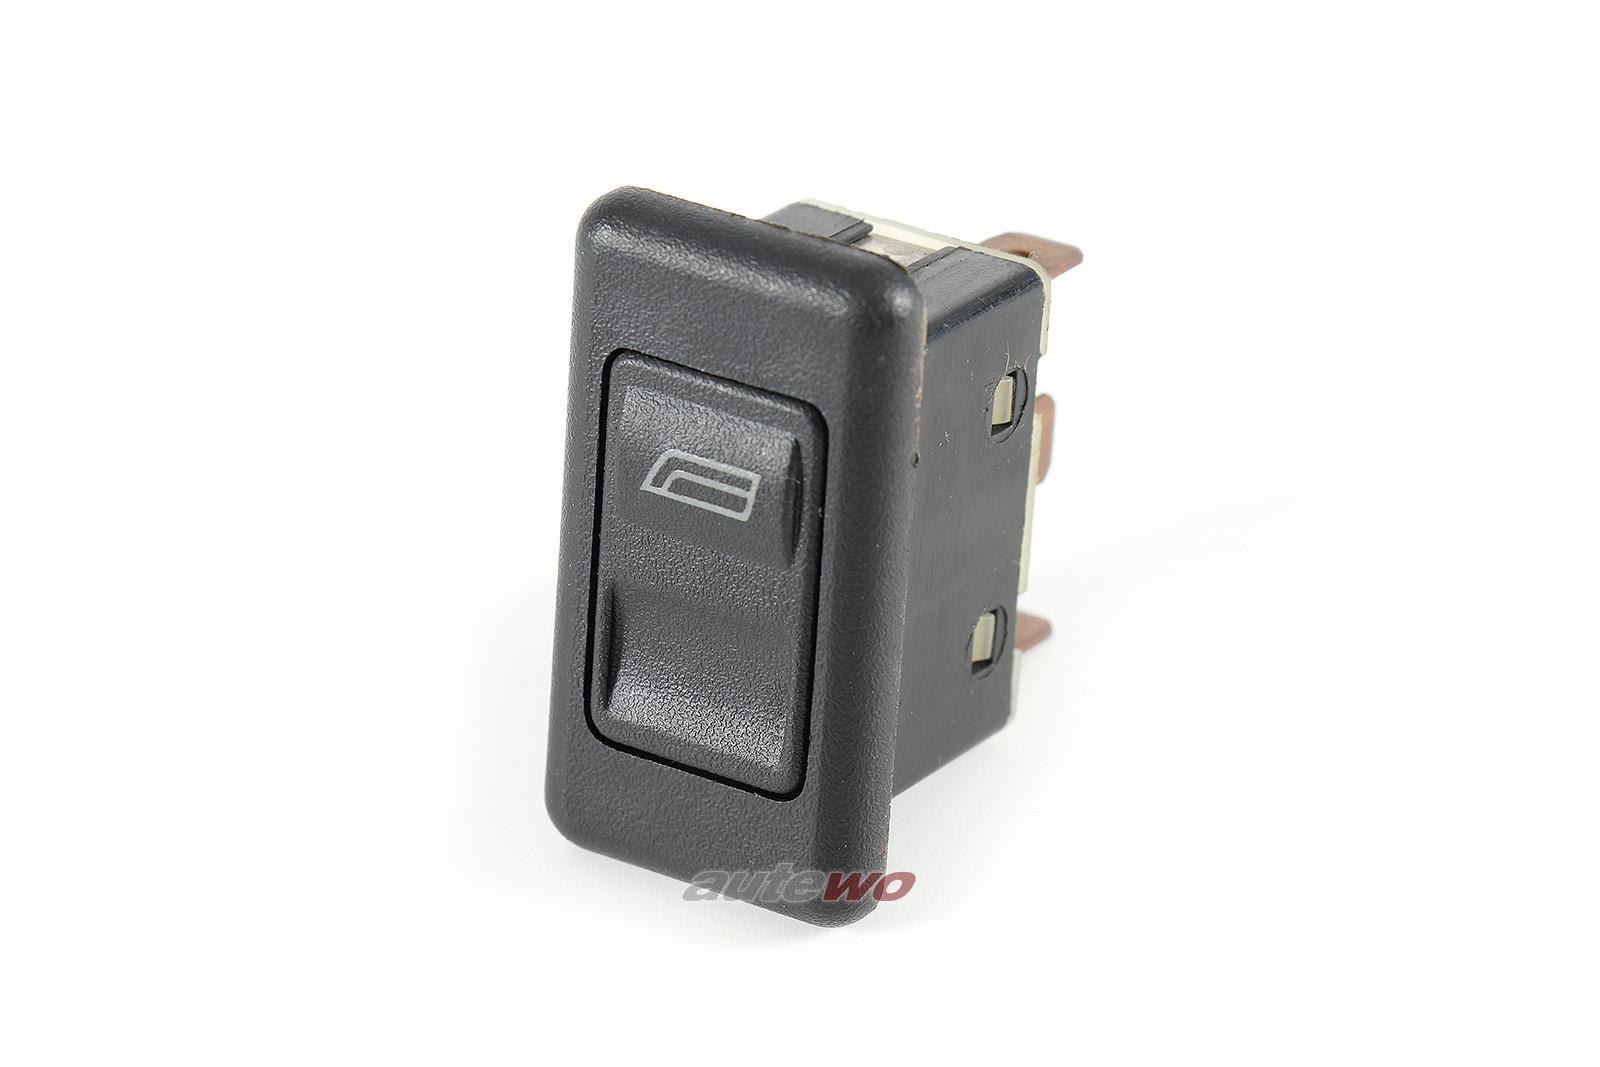 443959855E Audi 100/200 Typ 44 Schalter elektrische Fensterheber